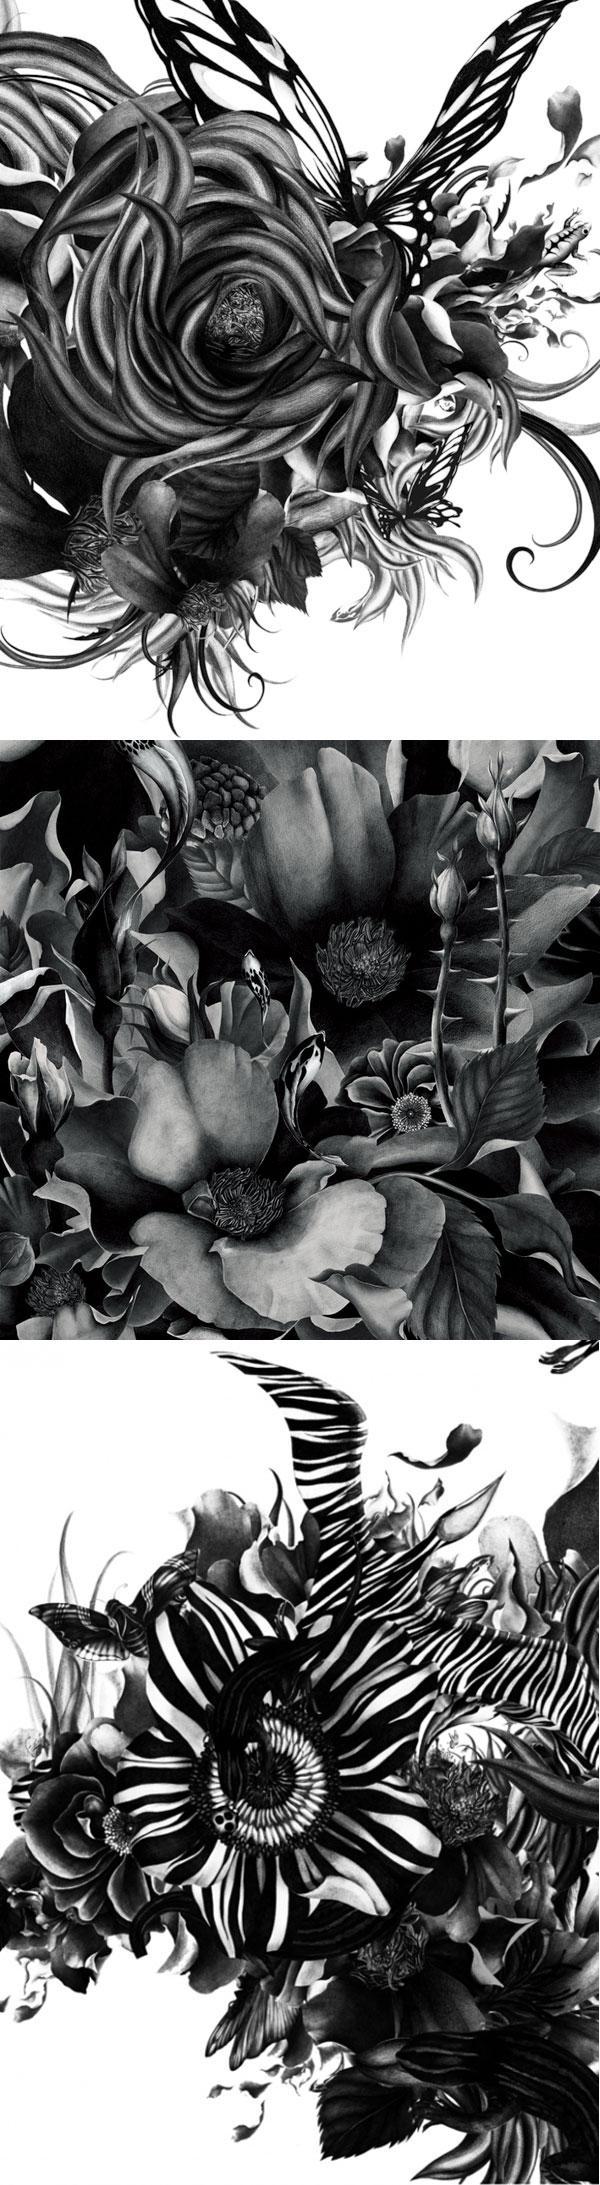 Kahori Maki | MRG LAB BLOG creative experience